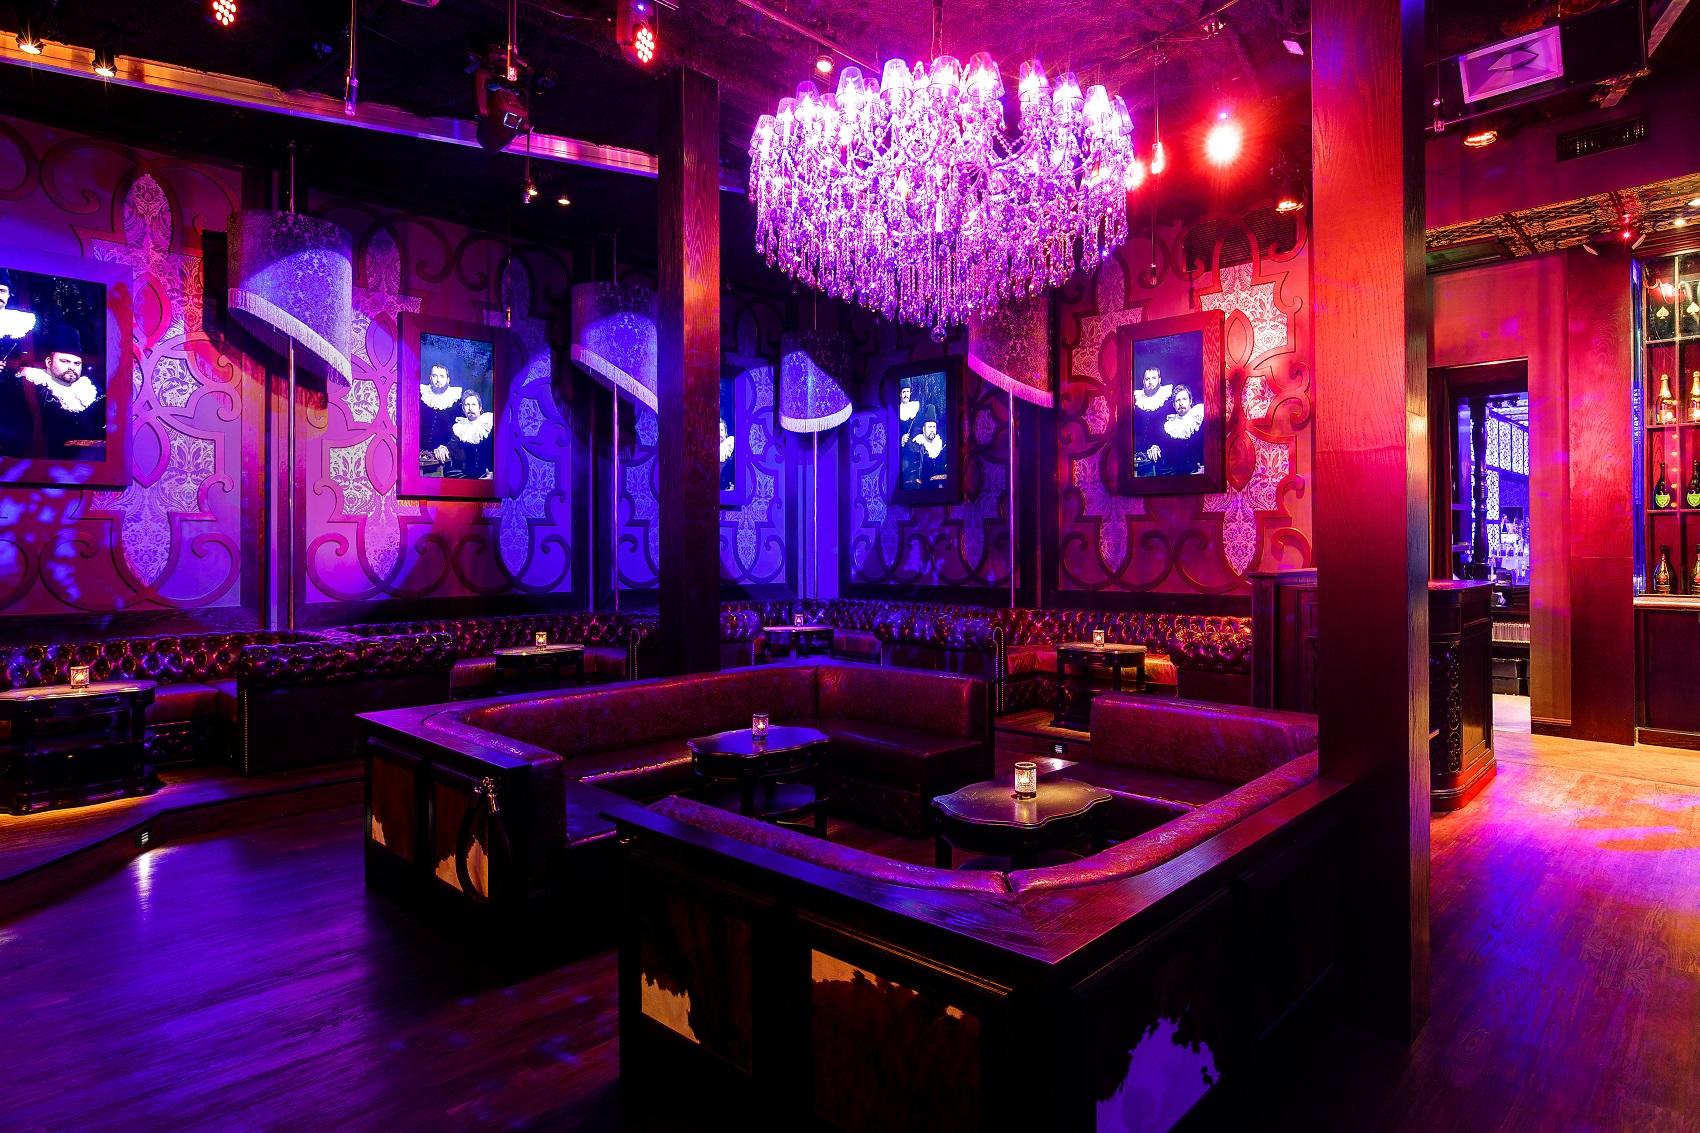 Image La Nightclub Jpg Fest 237 N De Sangre Wikia Fandom